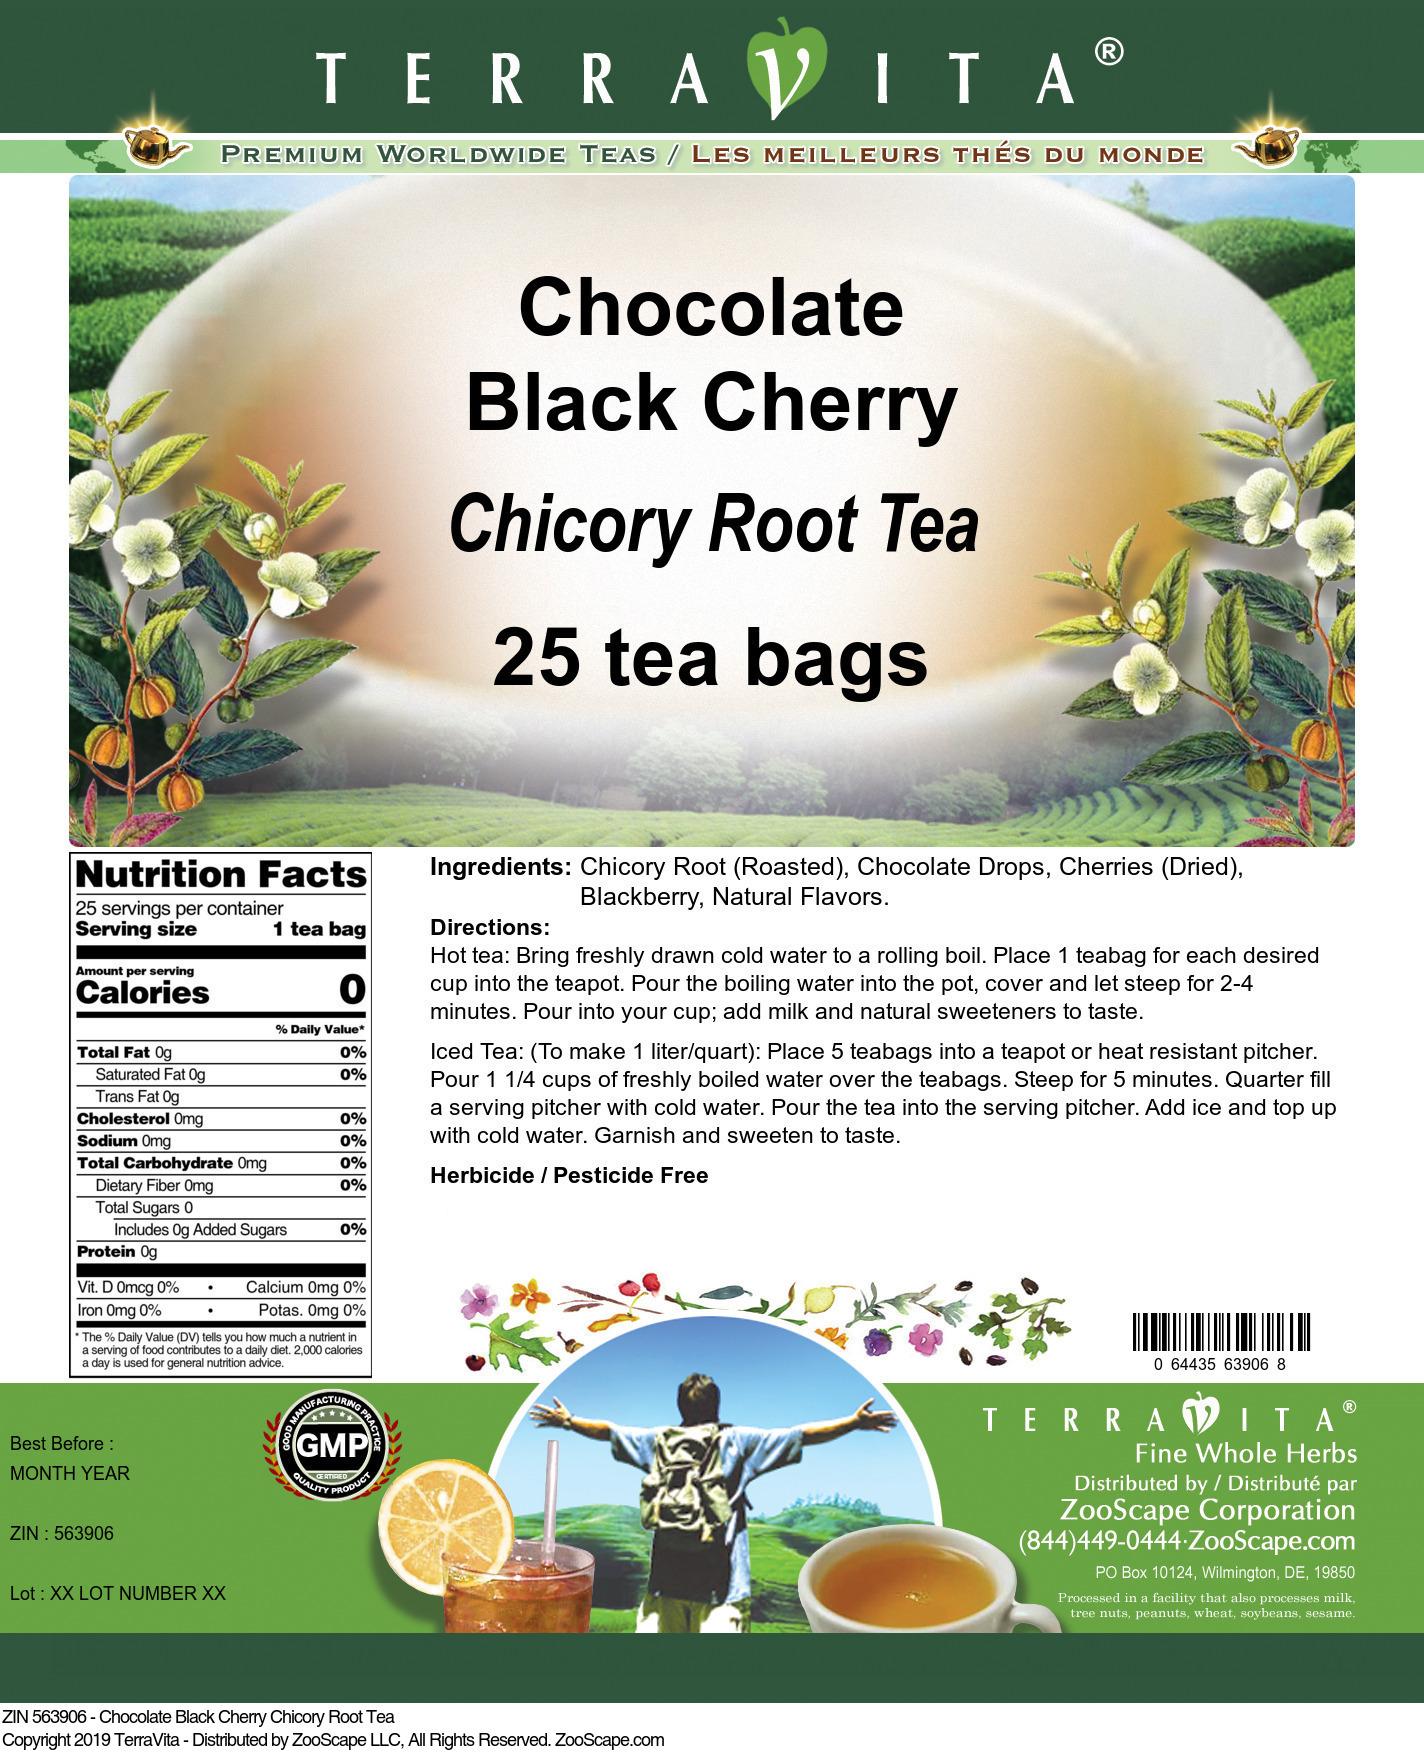 Chocolate Black Cherry Chicory Root